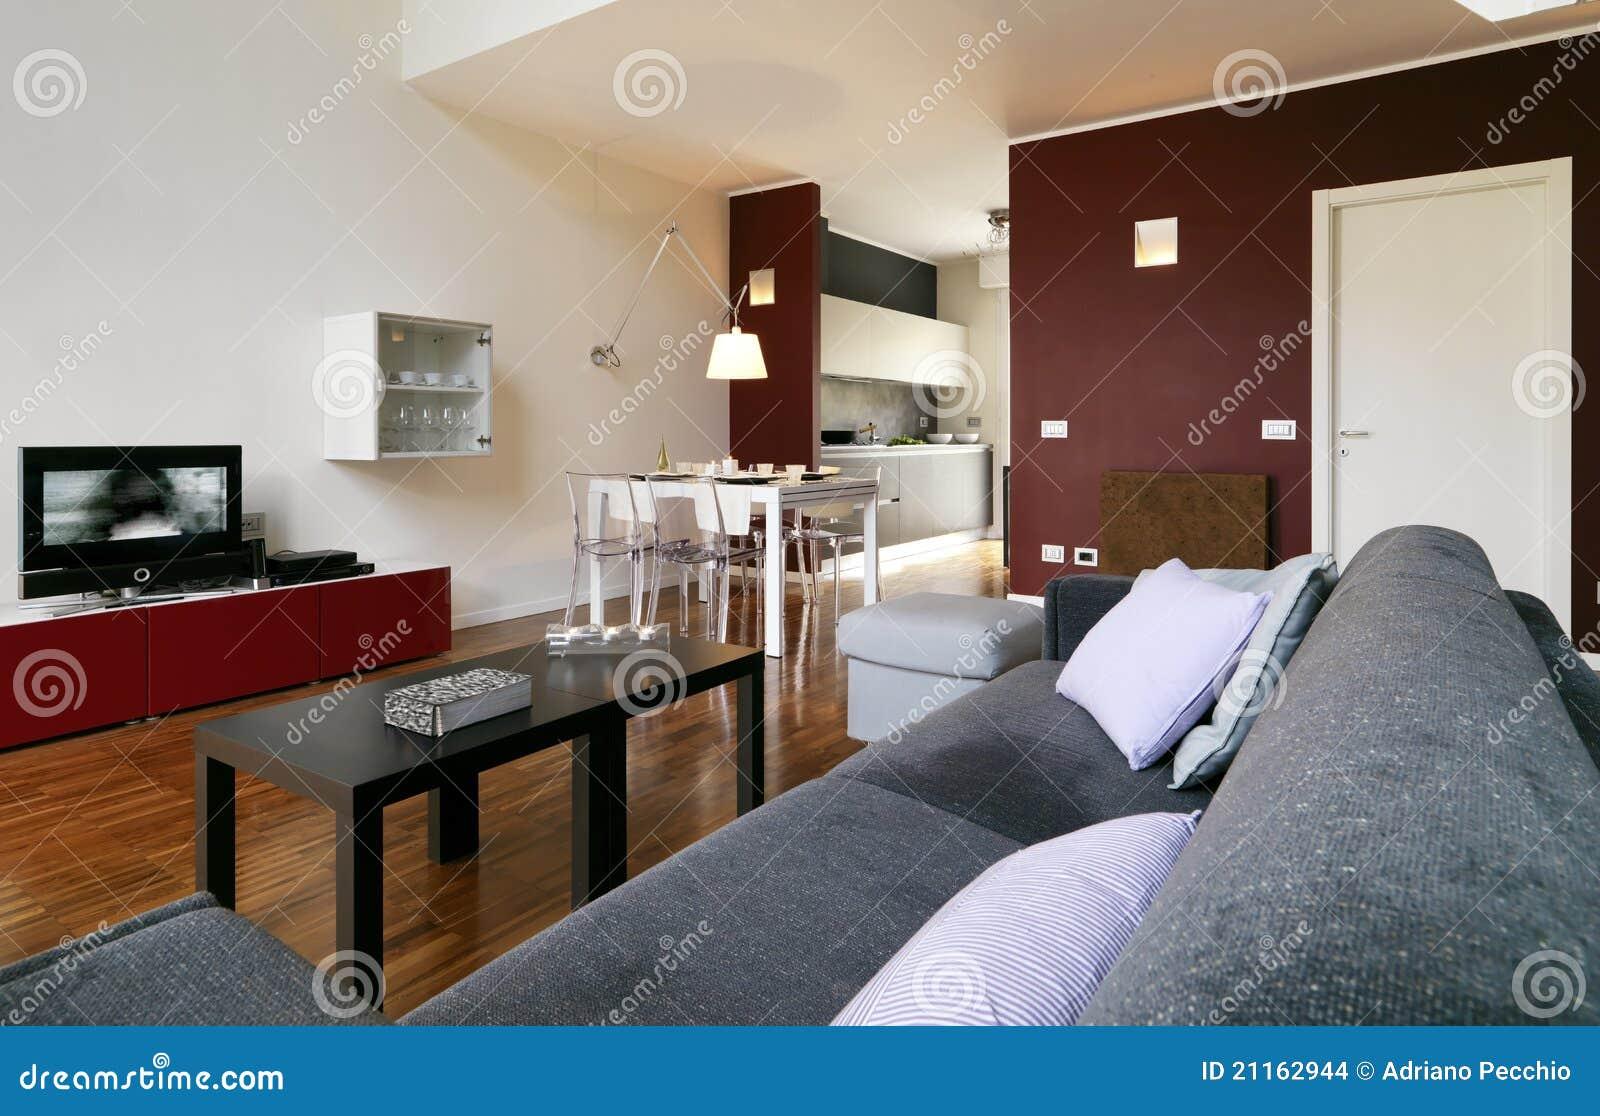 Modernes Wohnzimmer Und Esszimmer Stockfoto - Bild von speisen ...